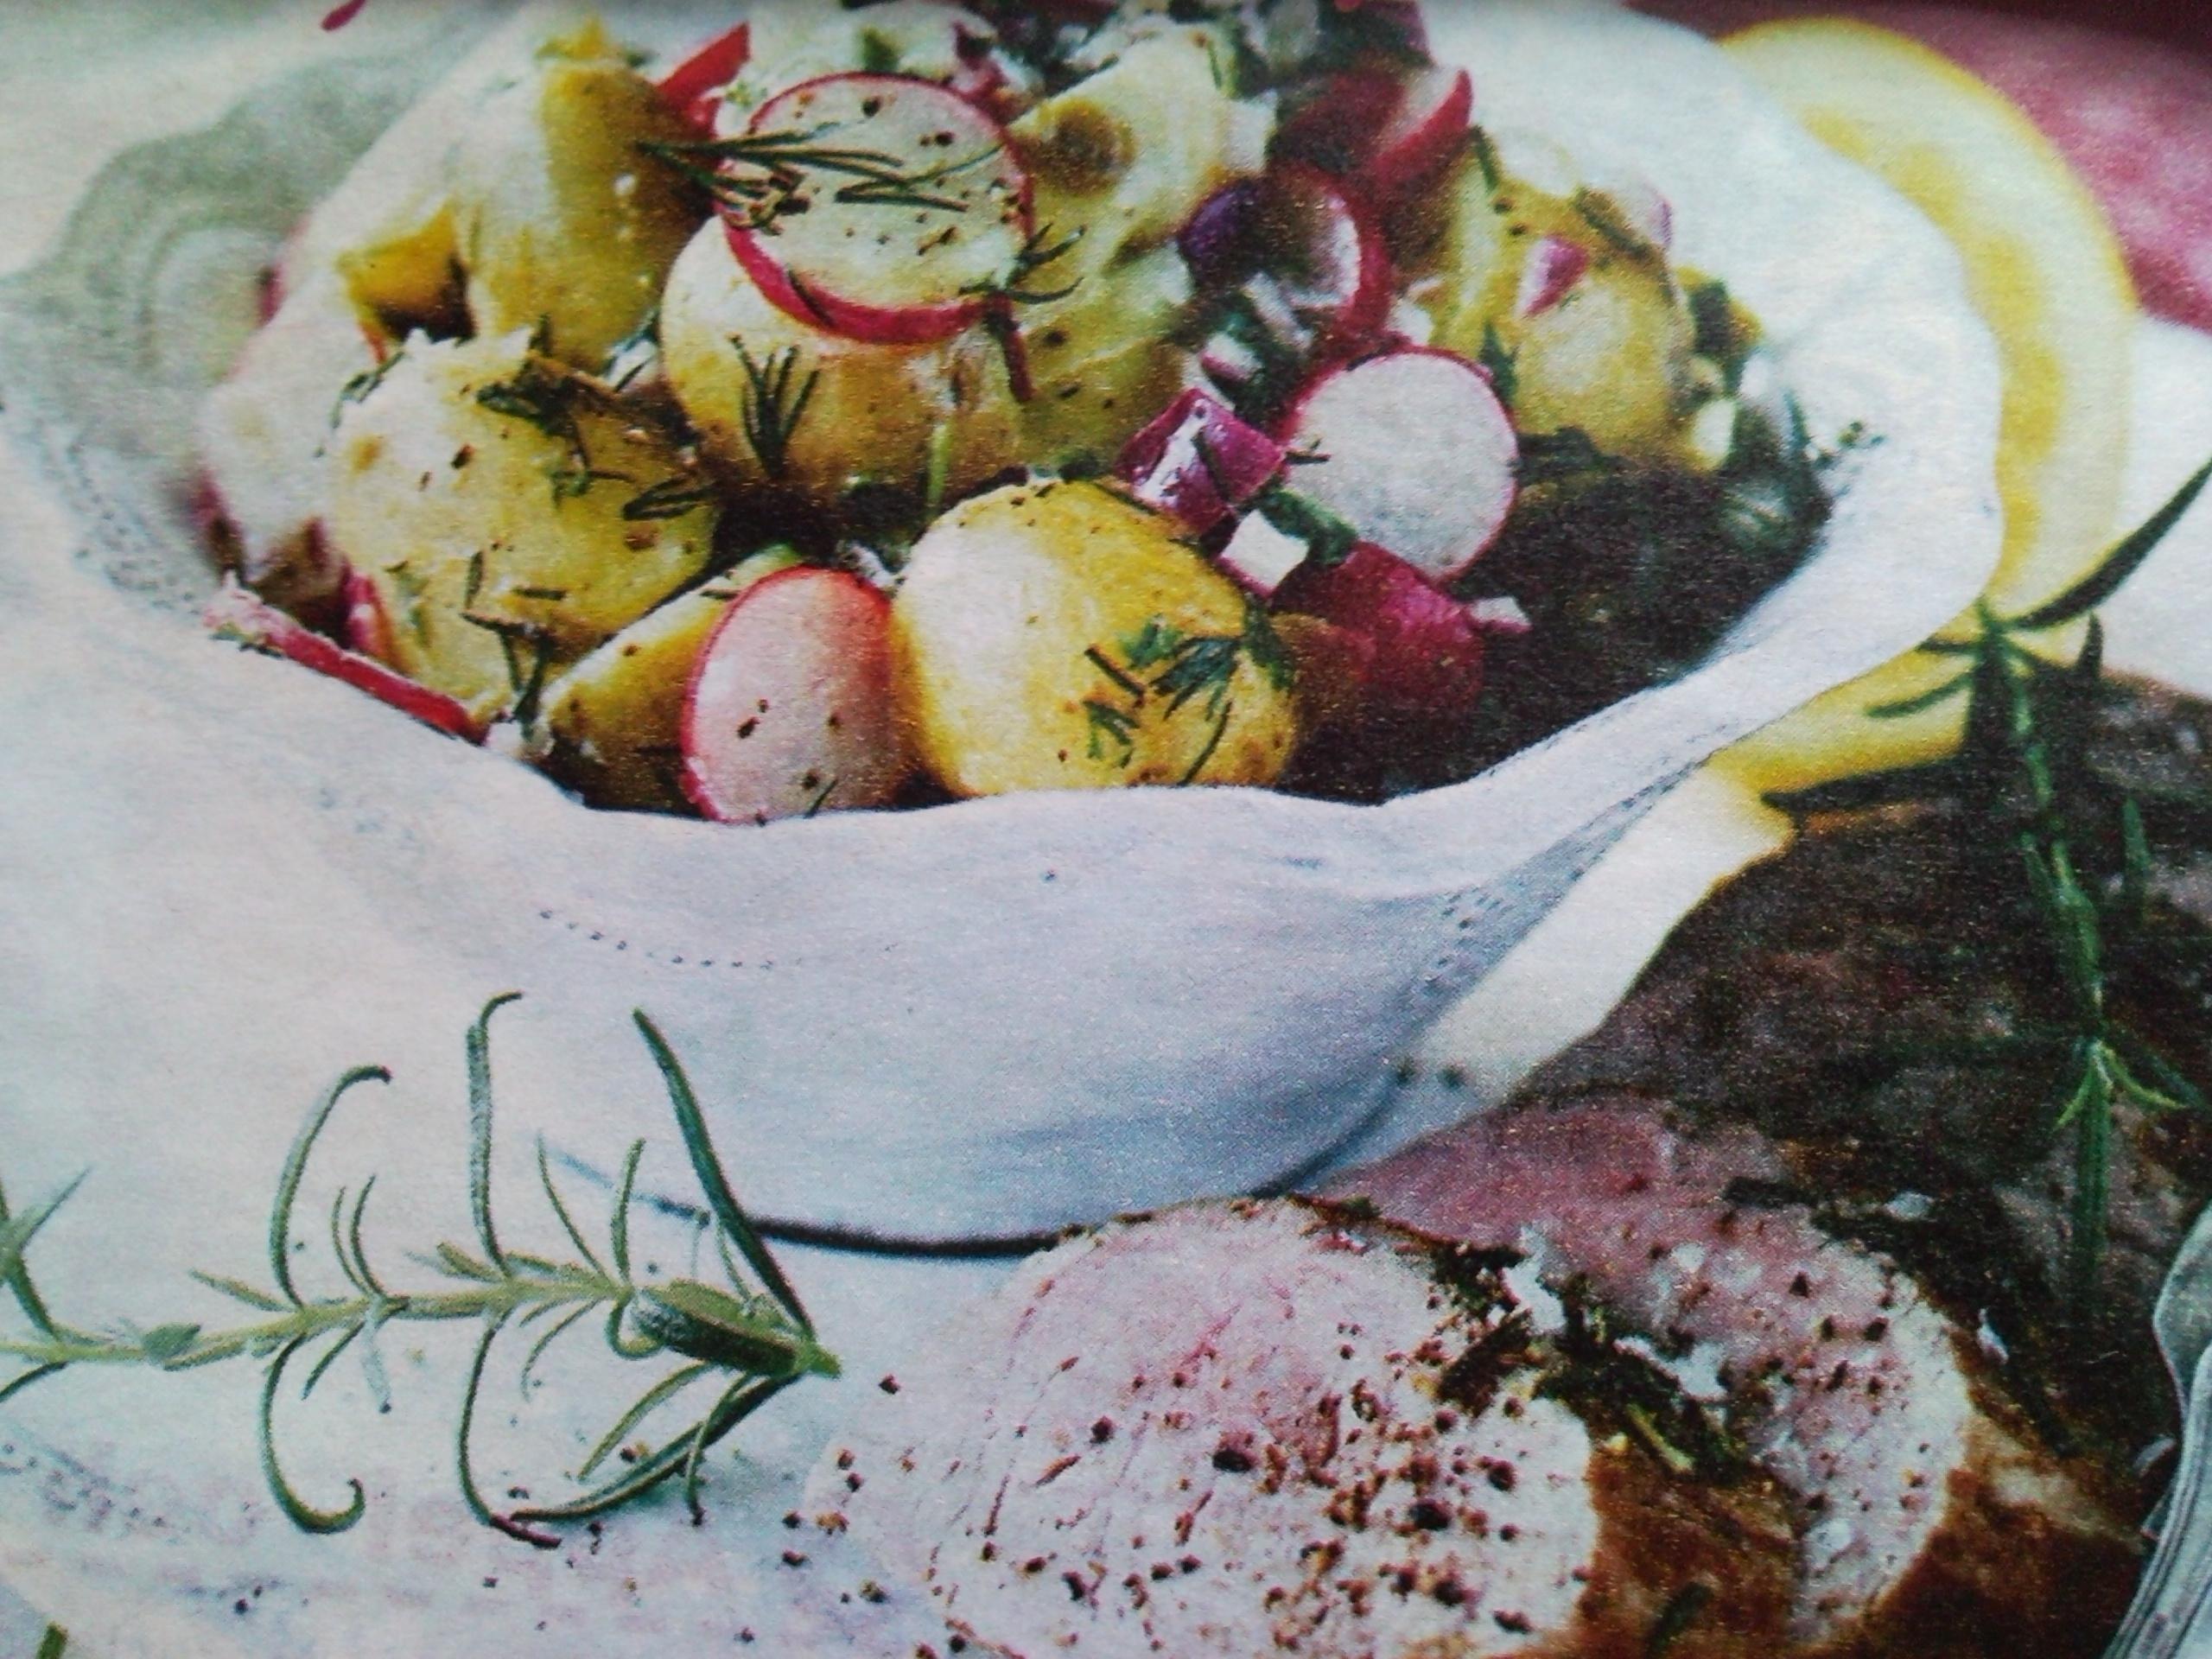 Fläskfilé med potatissallad och kall citronsås